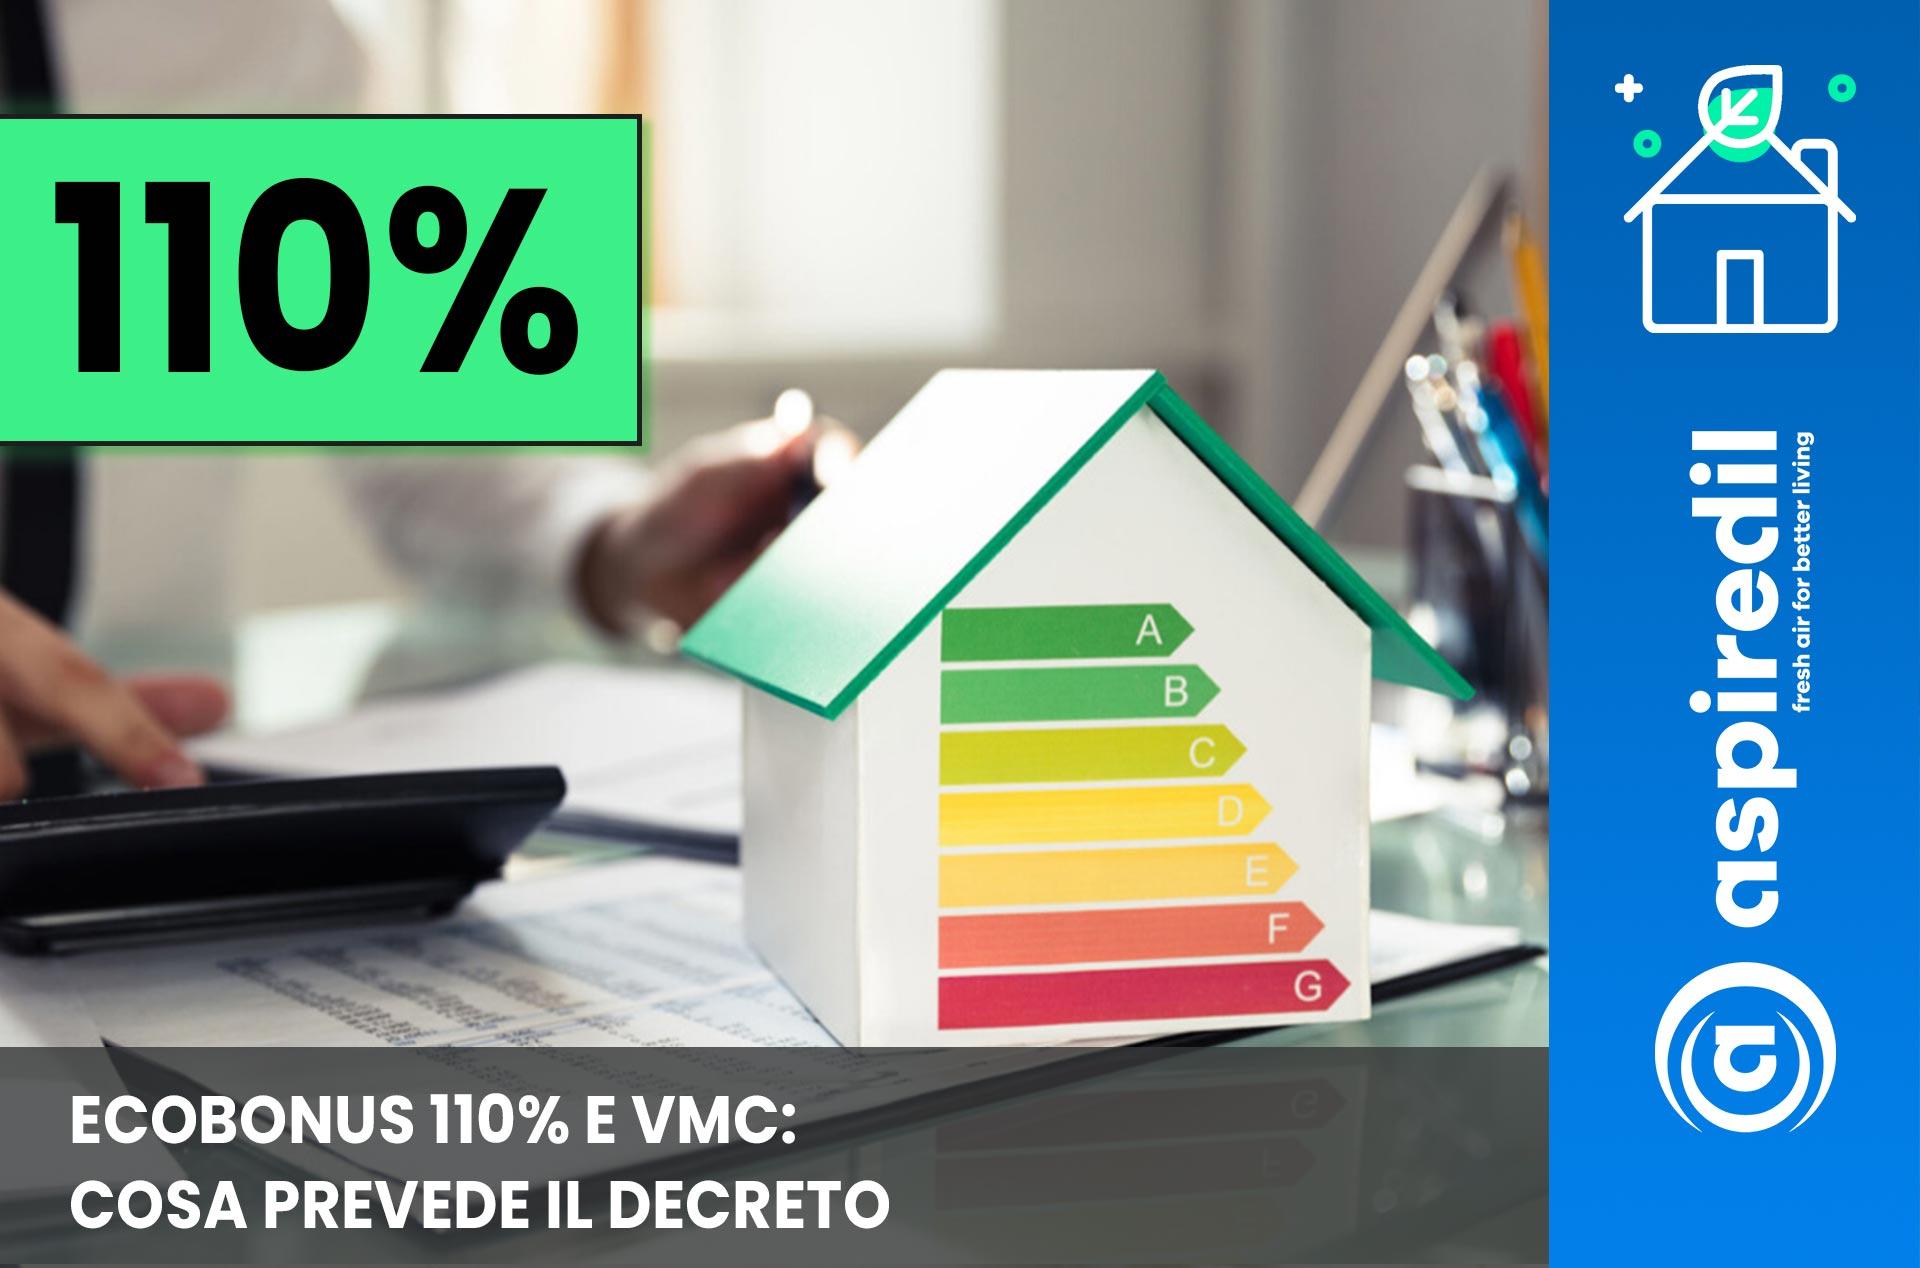 Ecobonus 110% e VMC cosa prevede il decreto